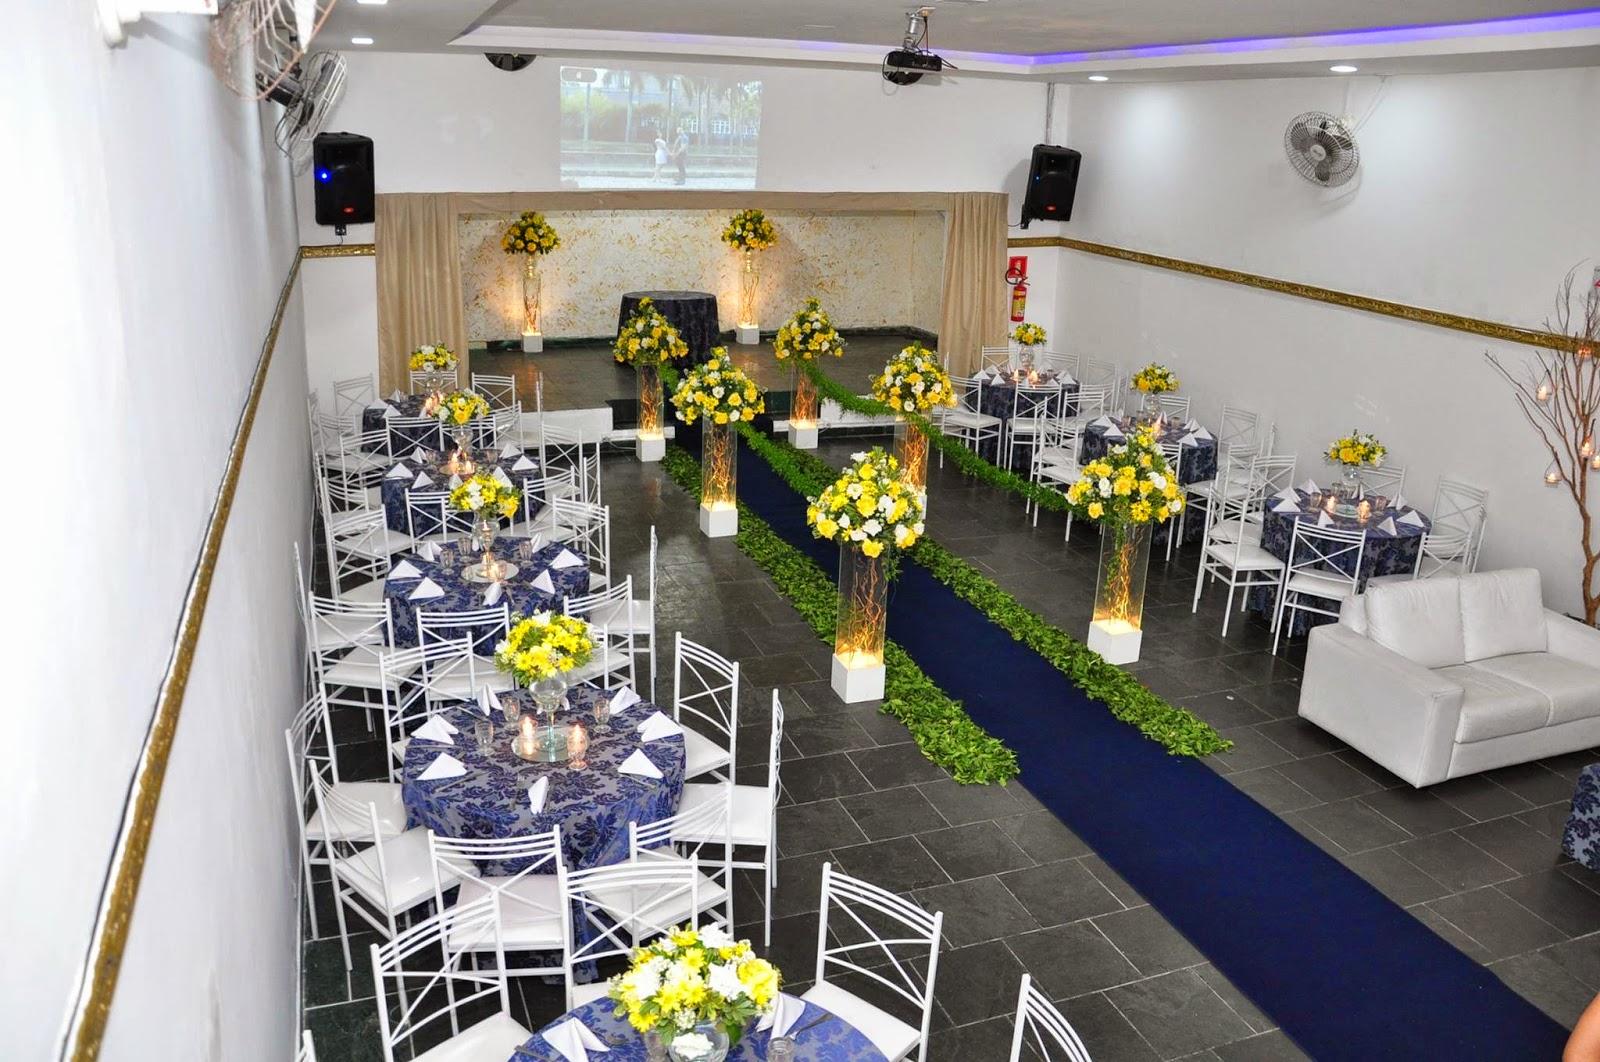 decoracao de festa azul marinho e amarelo:buffet bolando festas: Casamento decoração azul marinho e amarelo 23